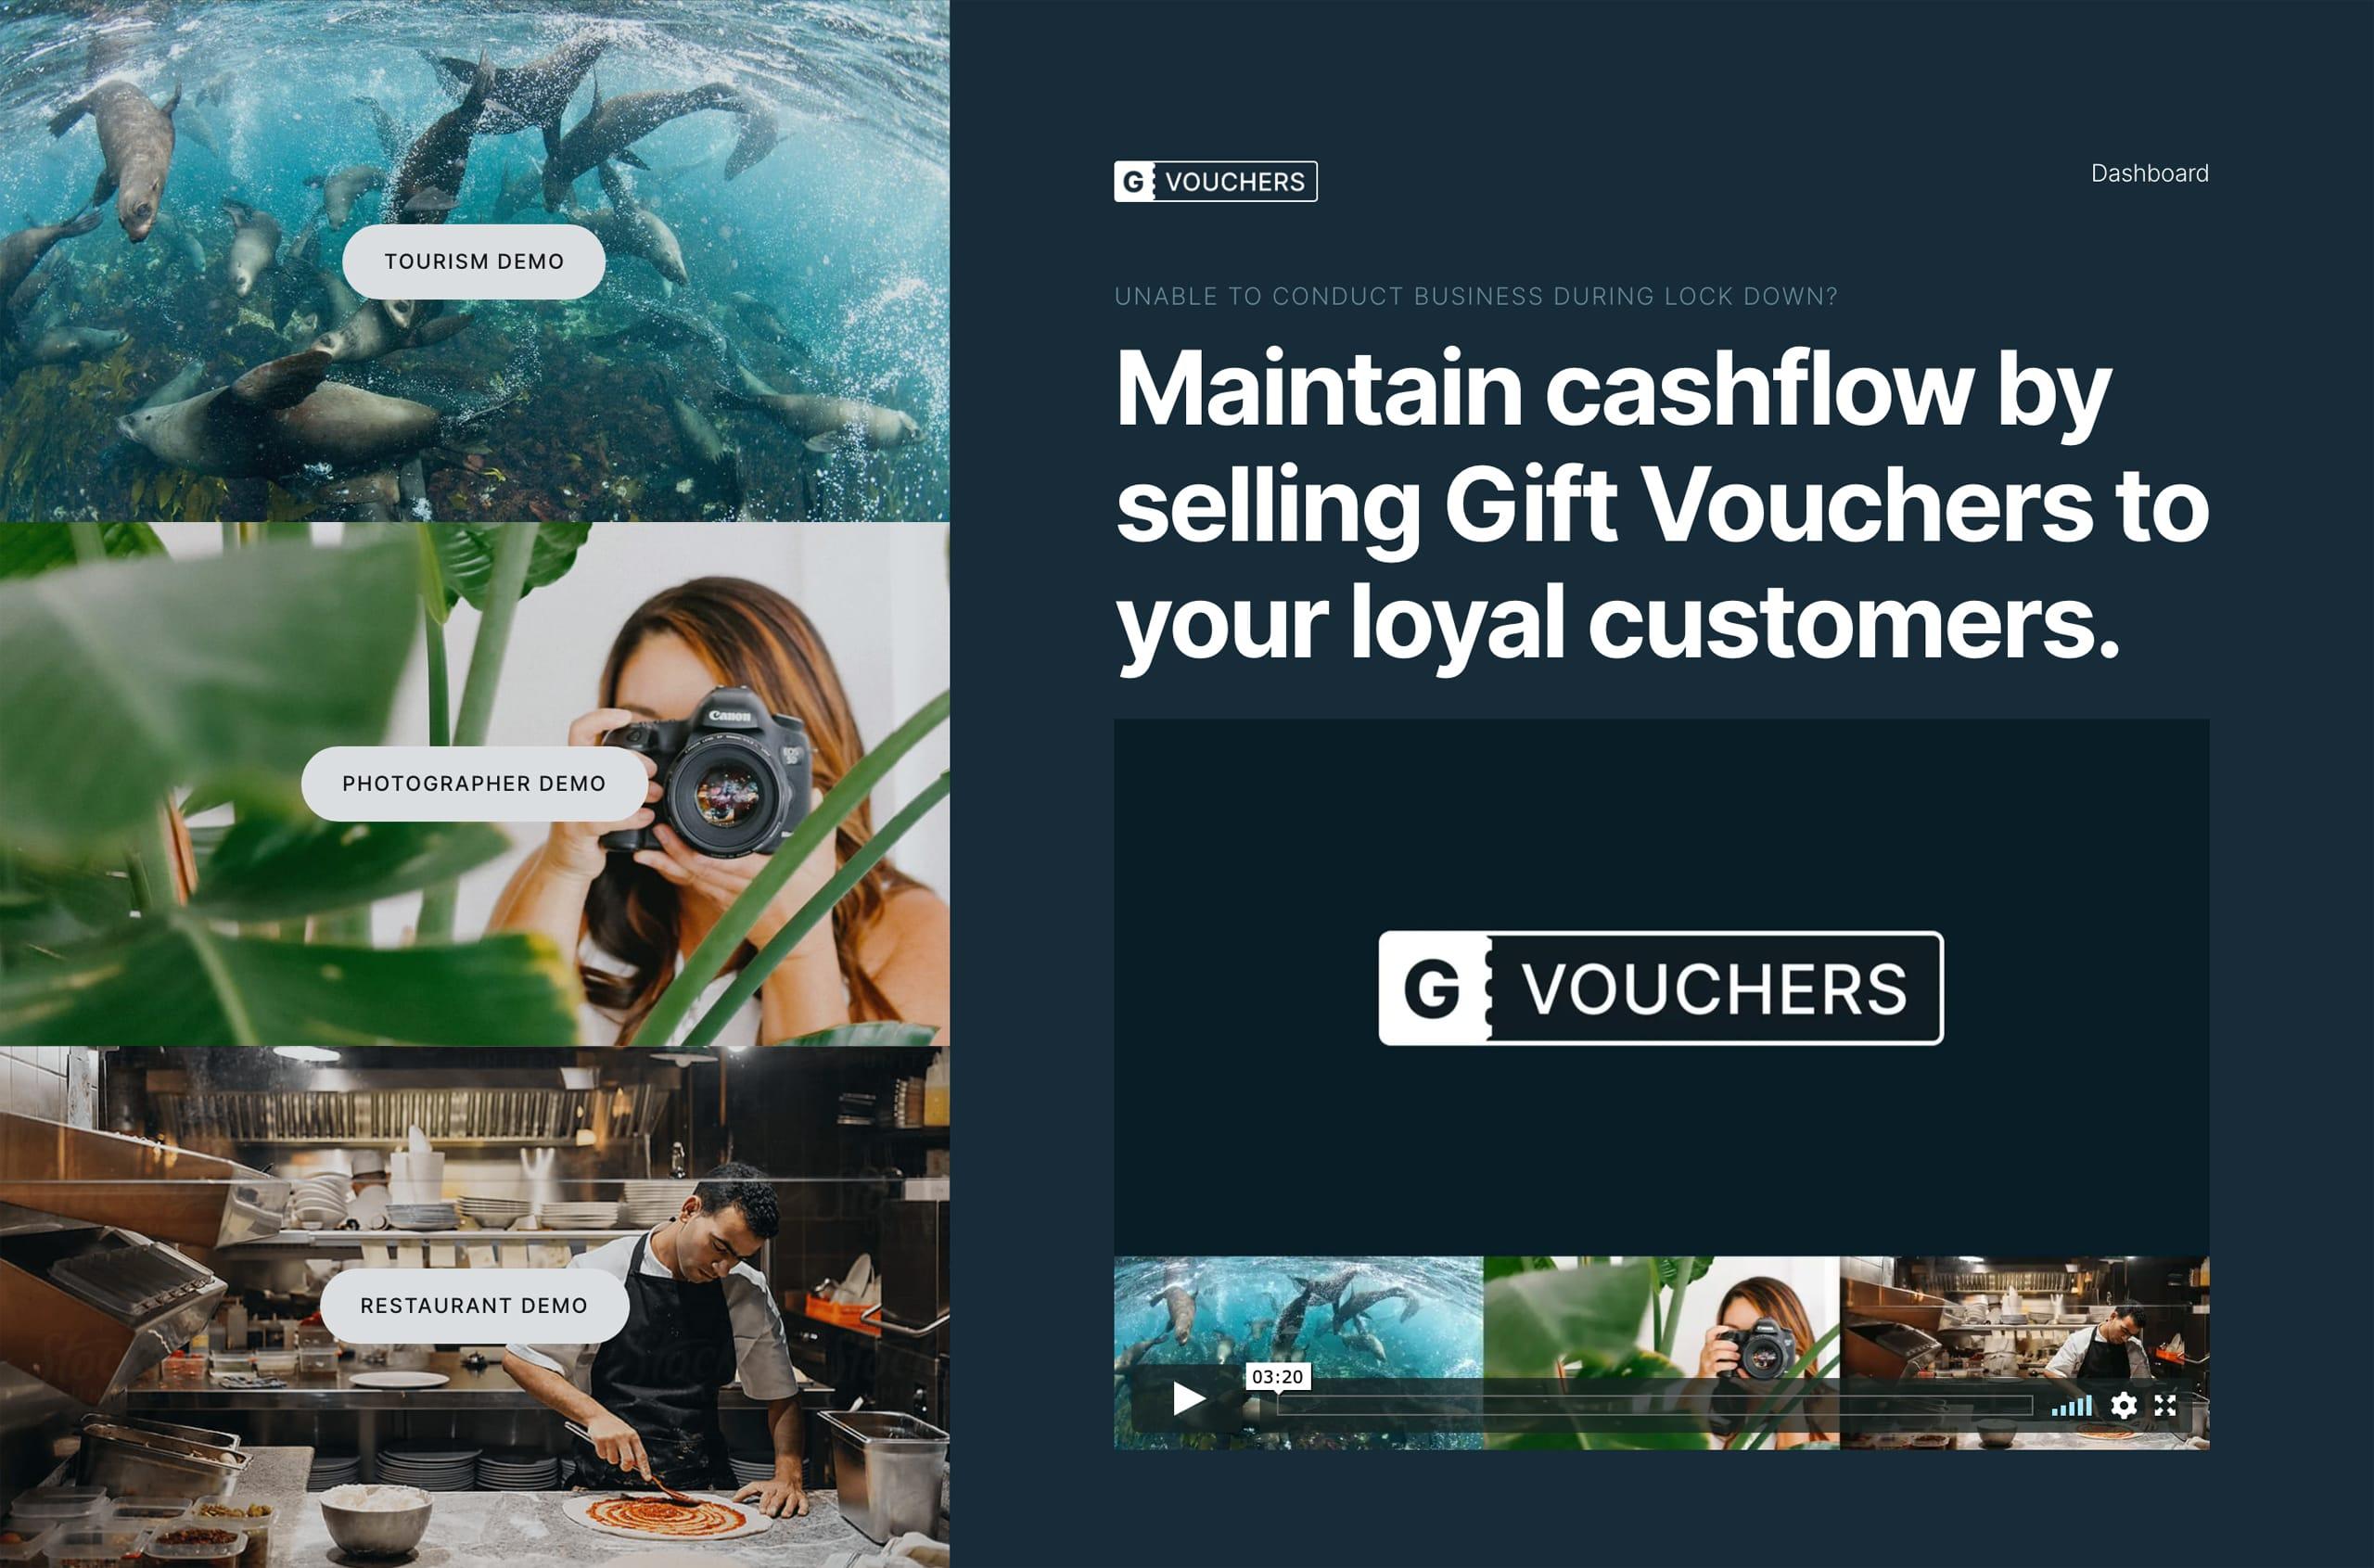 Gvouchers Website Screenshot